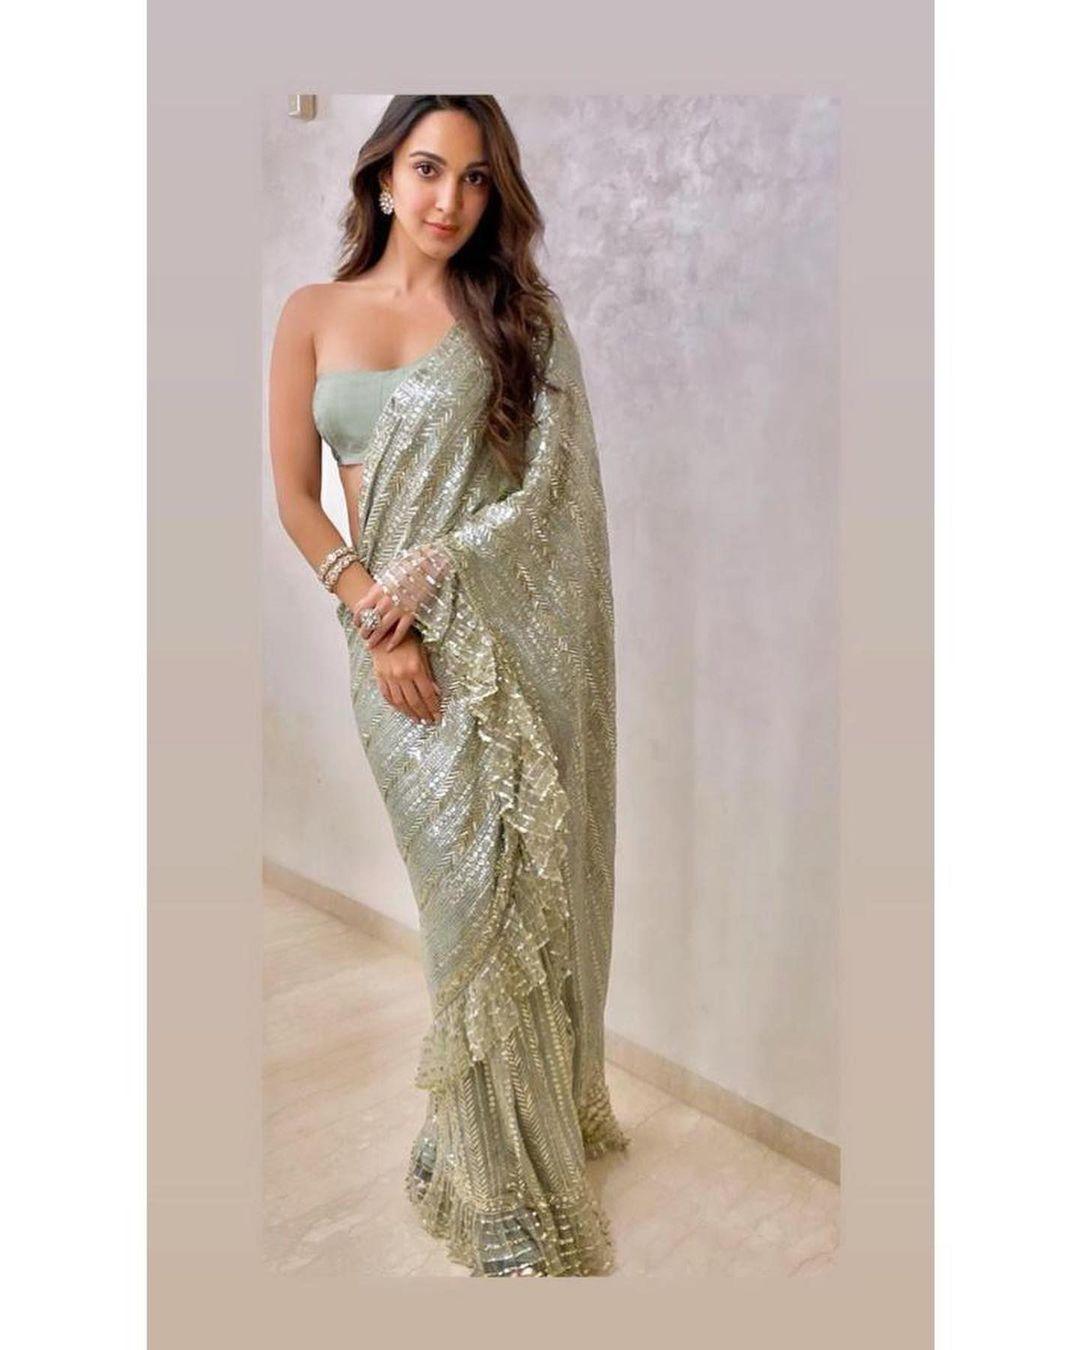 kiara ali advani in sequin saree